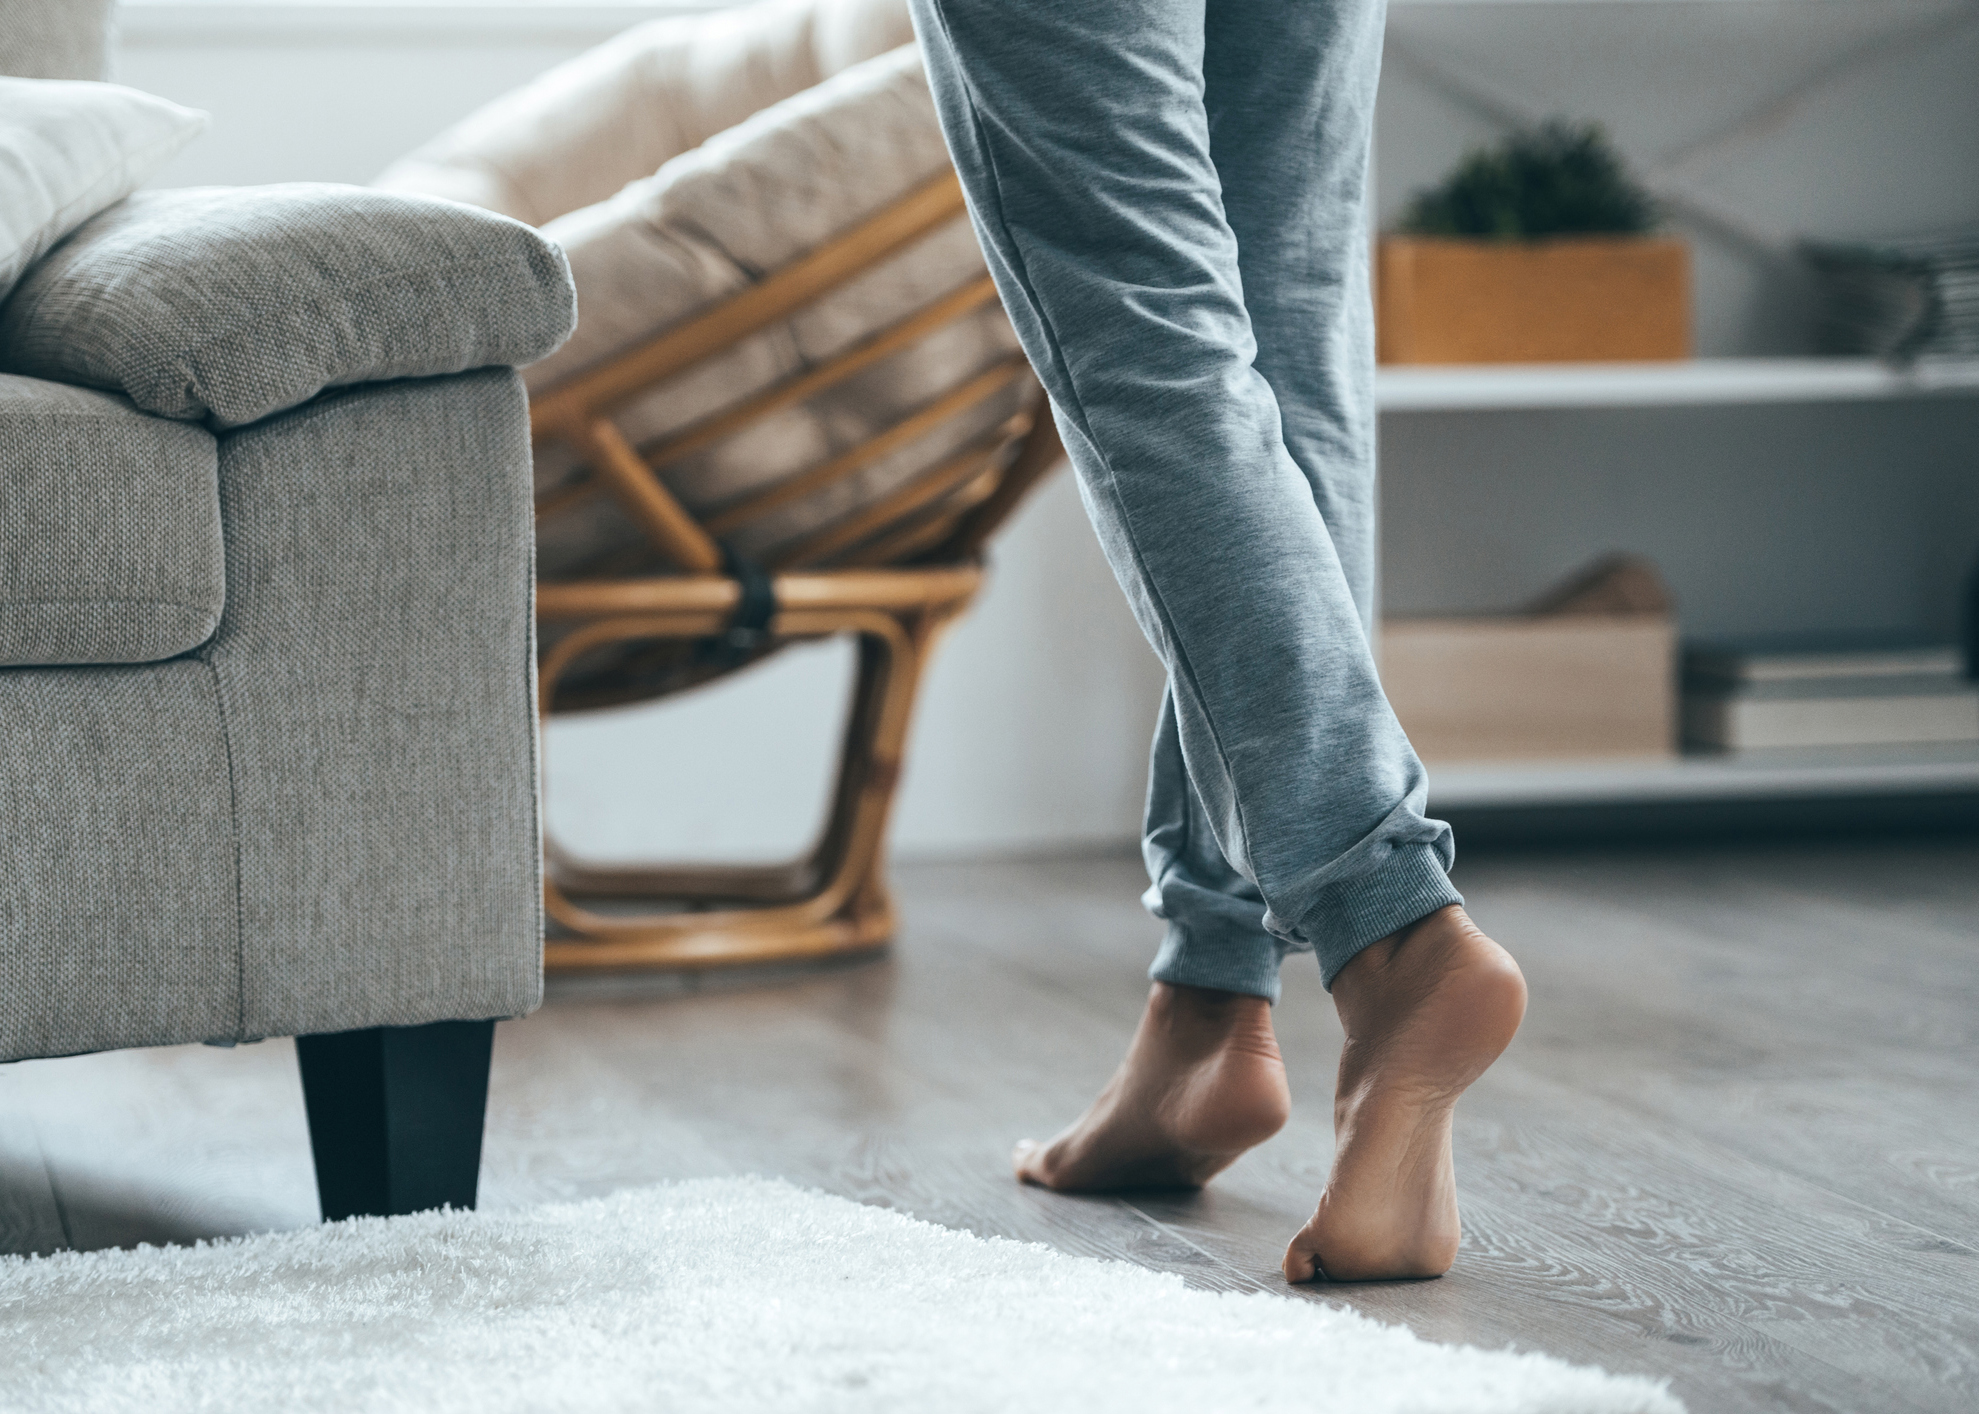 pessoa a andar descalça em casa